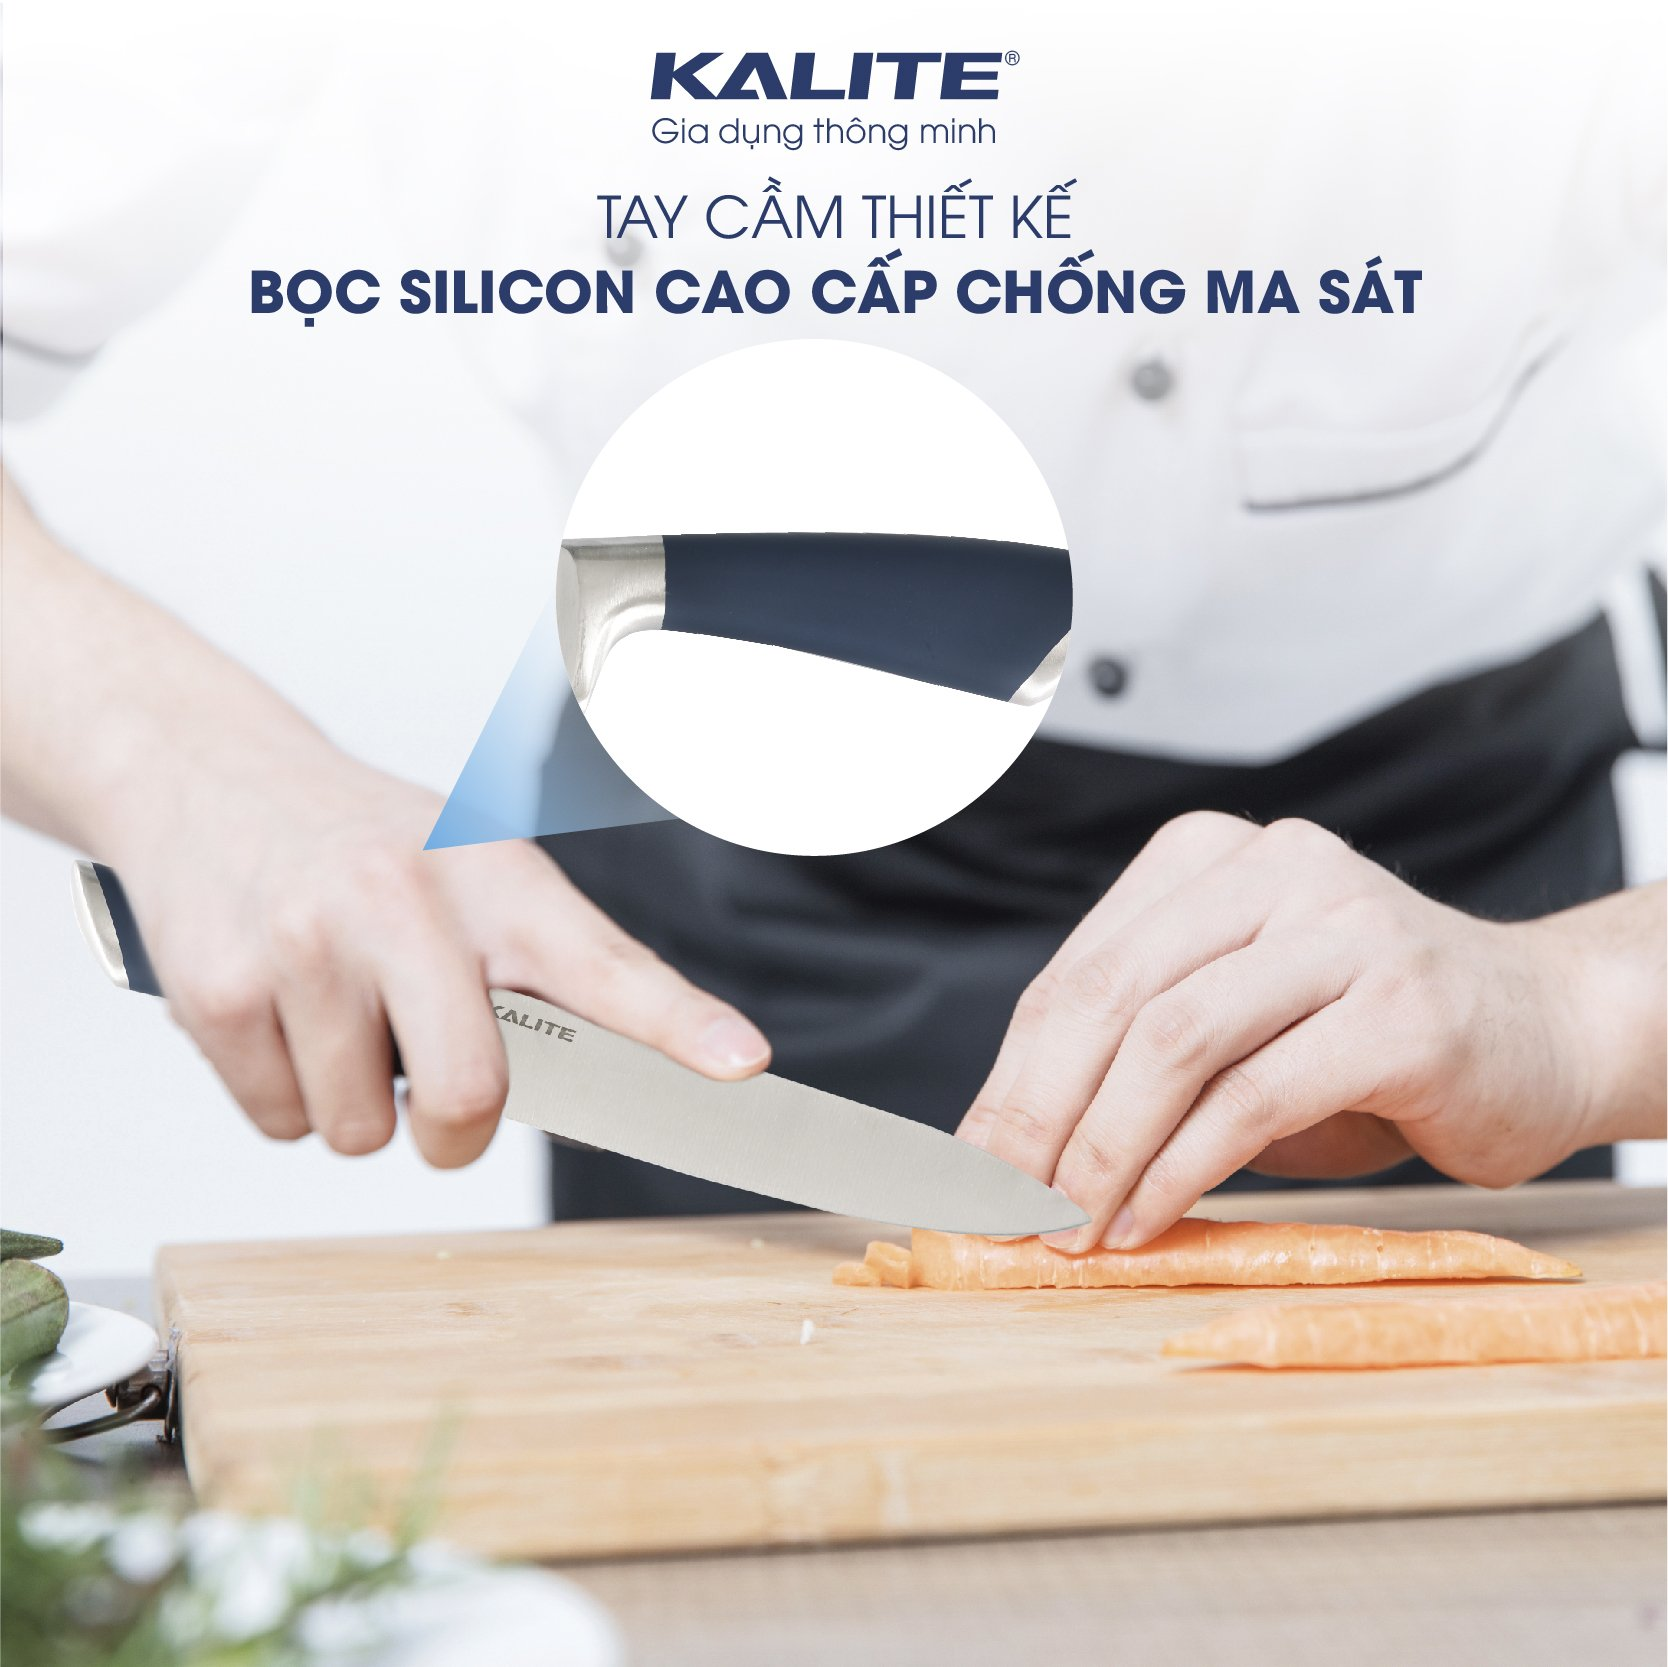 bo-dao-keo-kalite-kl-190-8